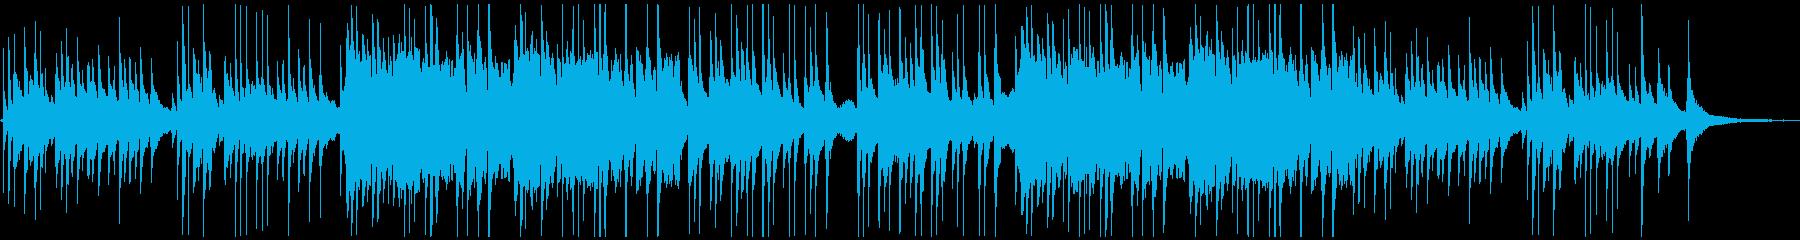 箏、三味線、篠笛、和太鼓などの和楽器の曲の再生済みの波形